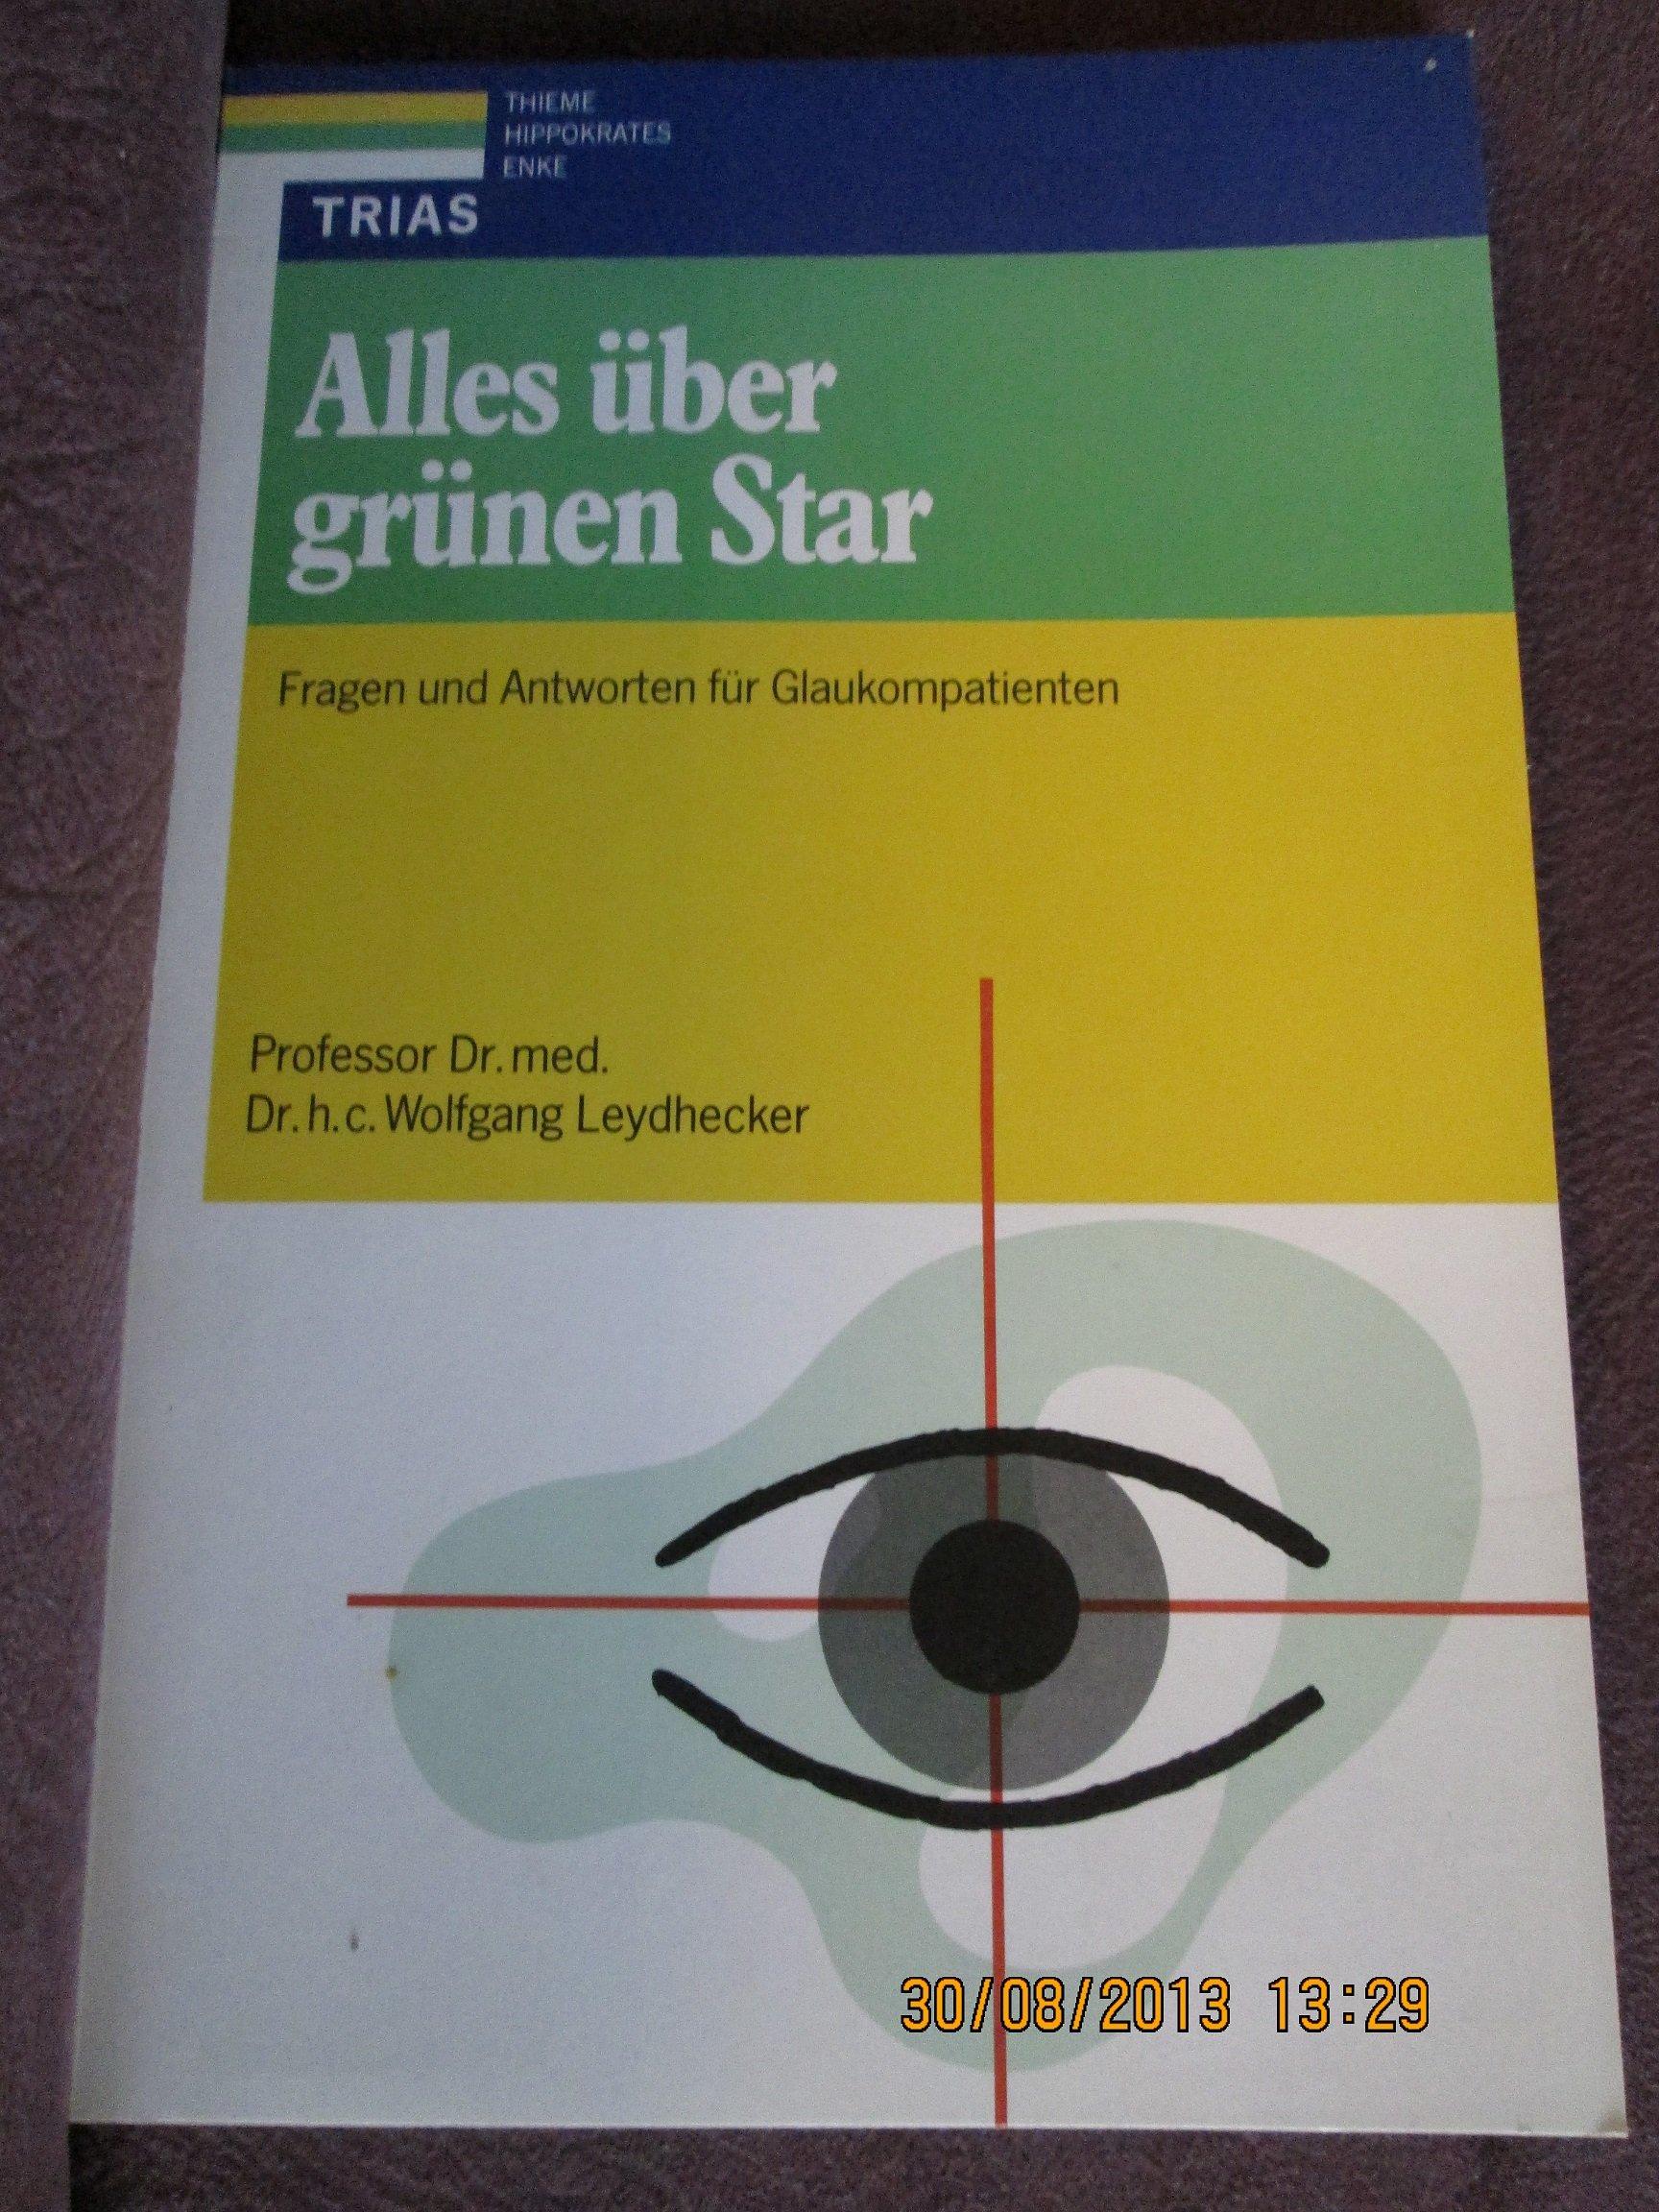 Alles über grünen Star. Fragen und Antworten für Glaukompatienten